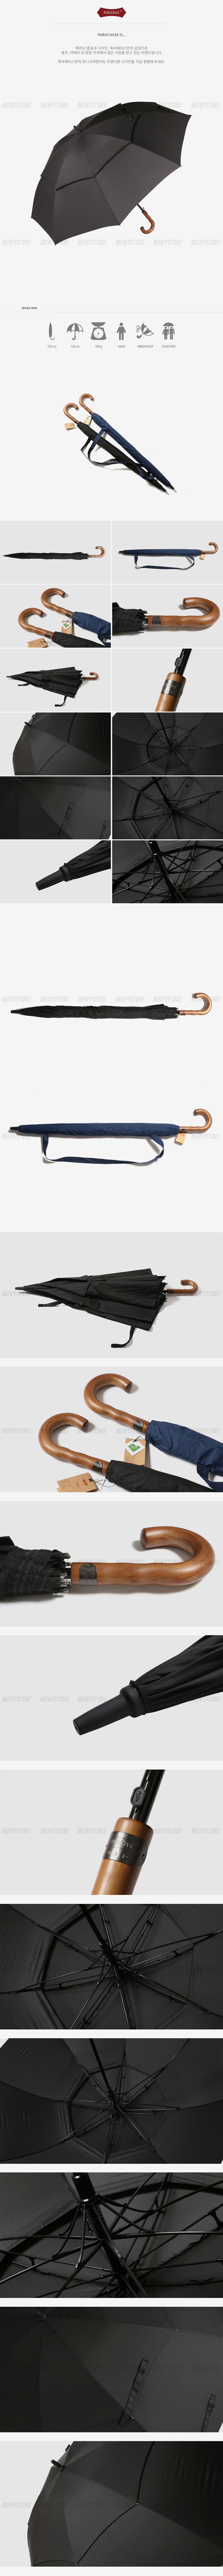 파라체이스(PARACHASE) 7164 프리미엄 라운드 우드 그립 대형 골프 자동 장우산